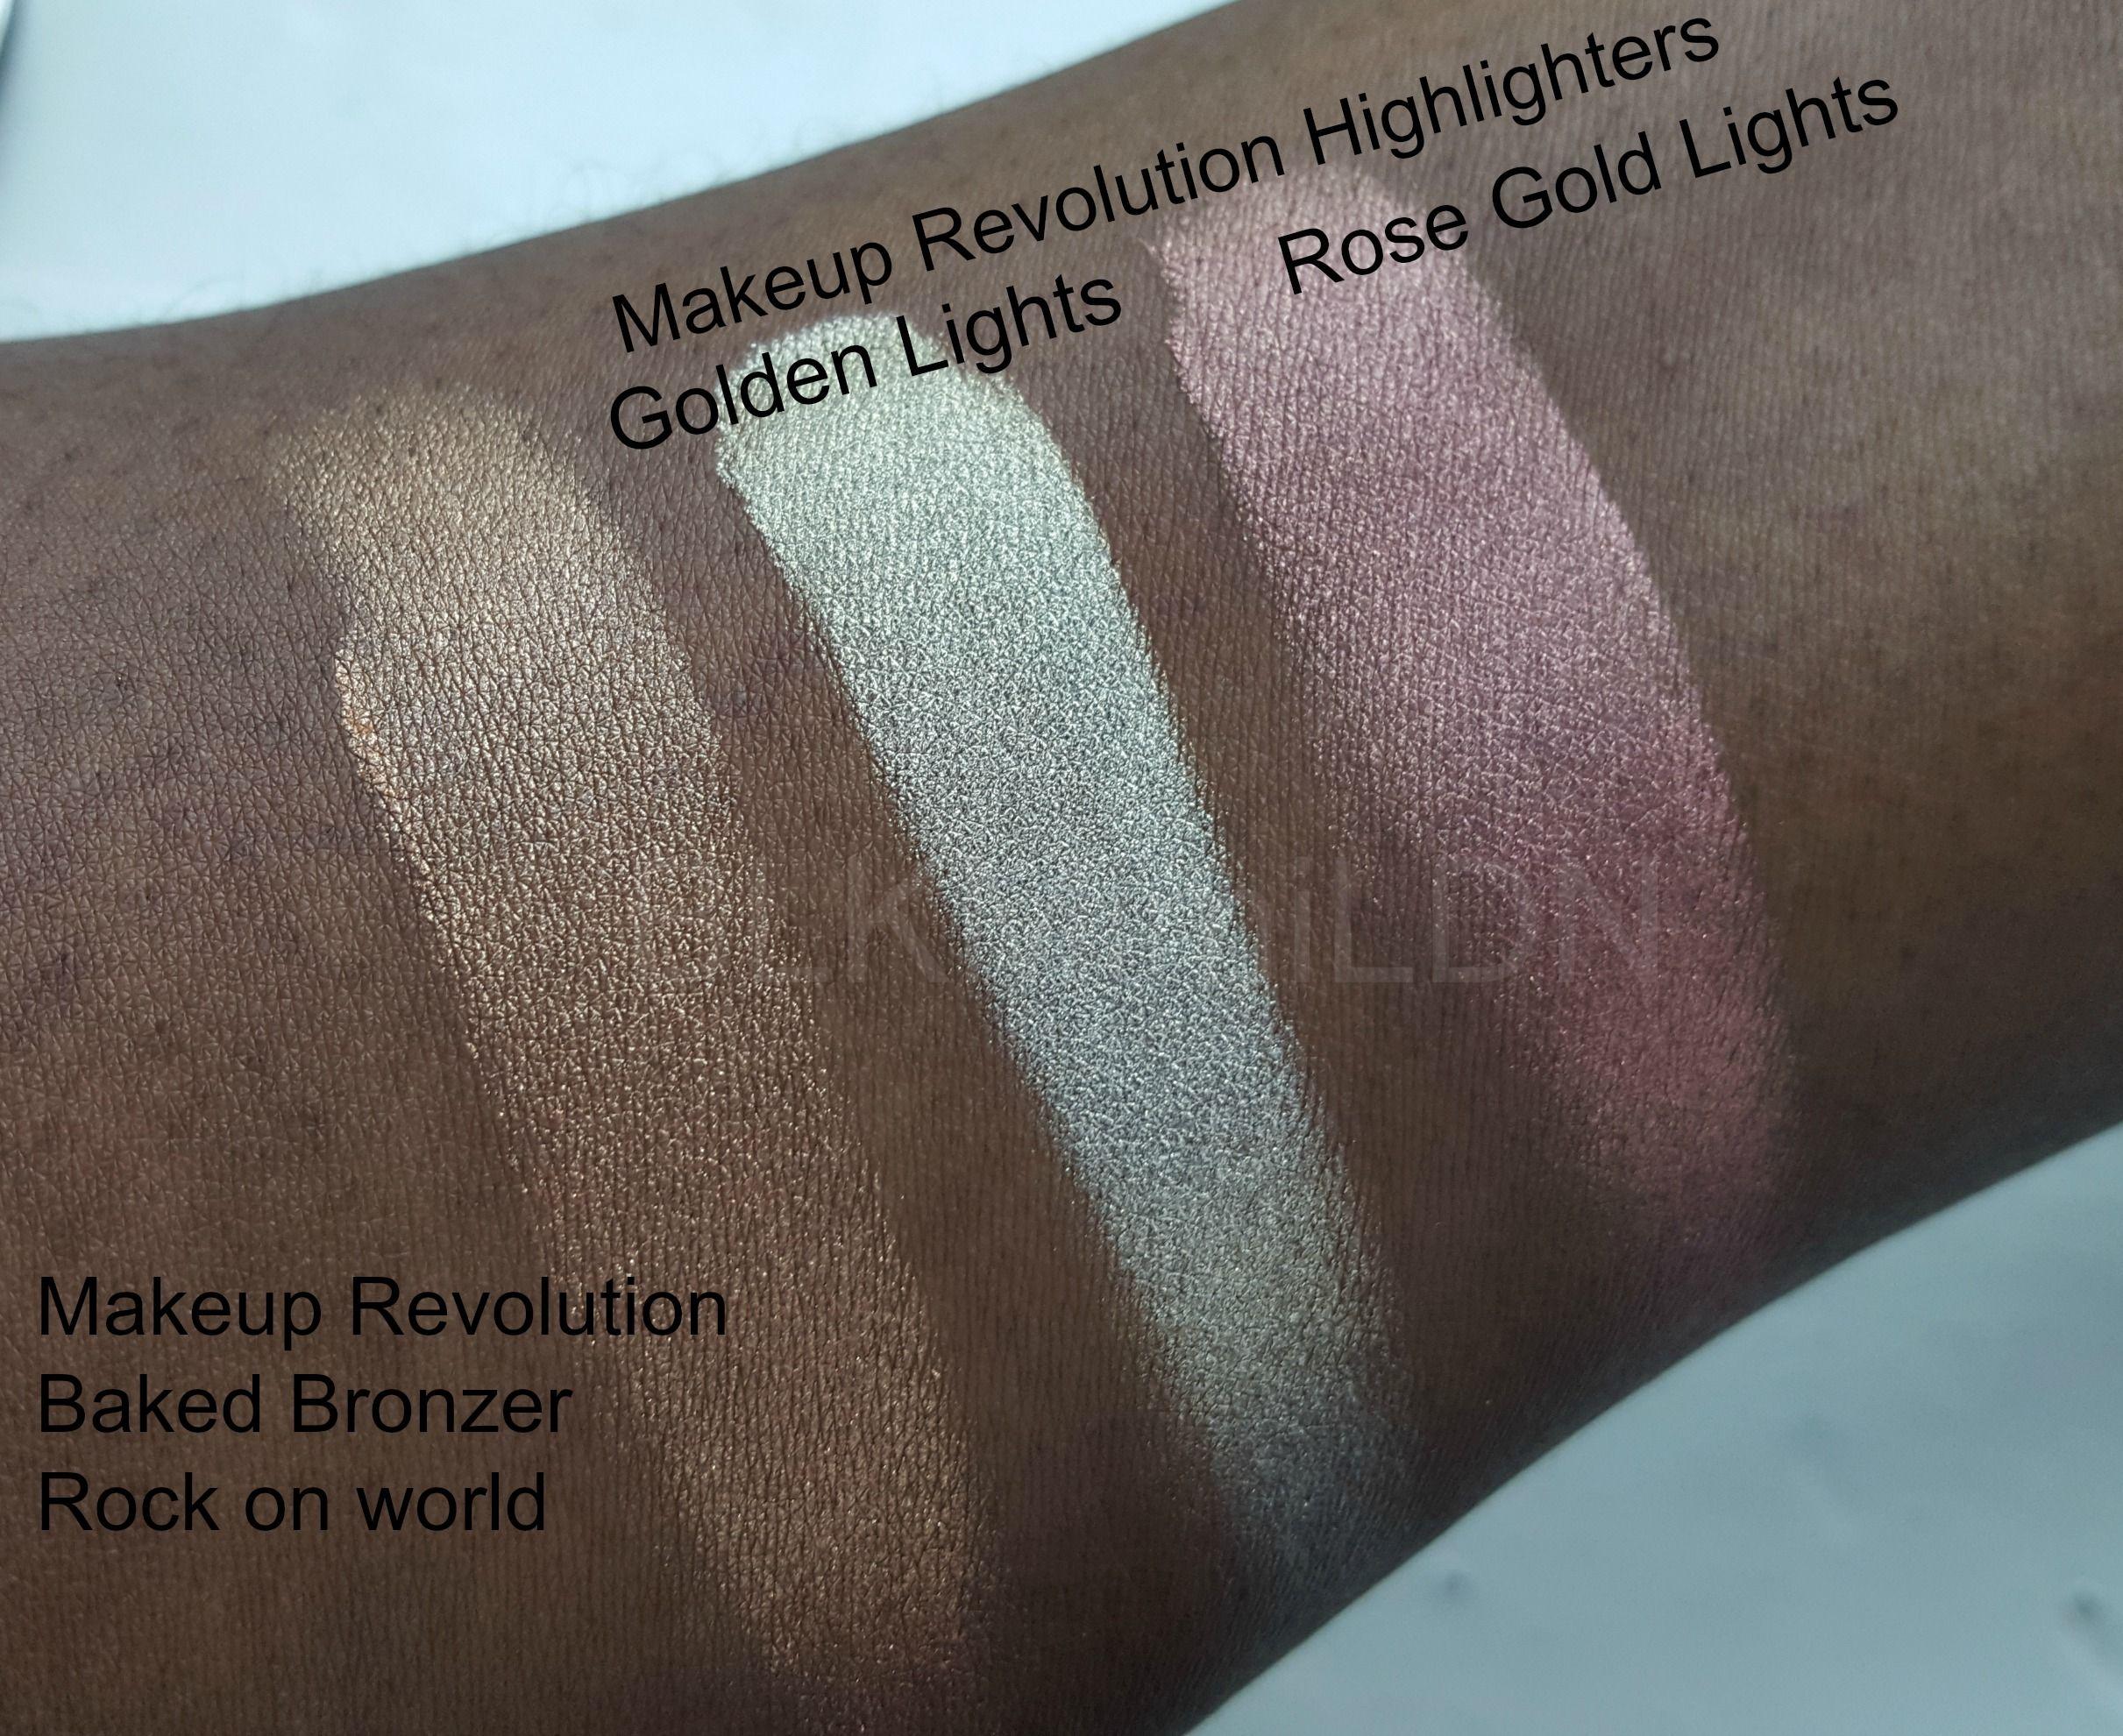 Makeup Revolution Bronzer & Highlighter Swatched on dark